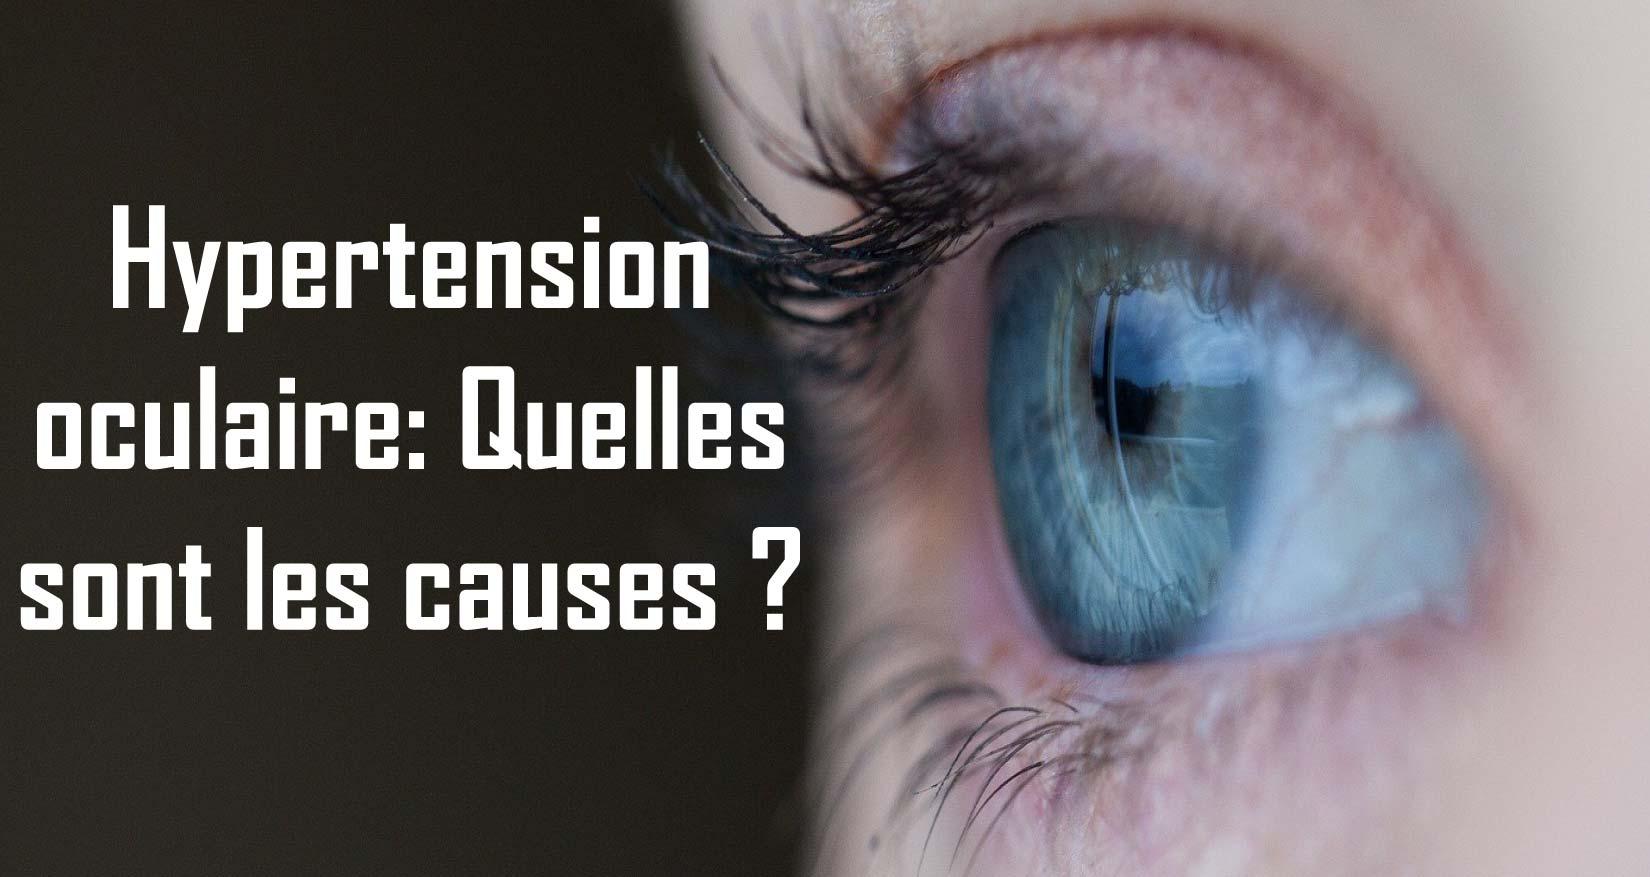 Hypertension oculaire: Quelles sont les causes ?